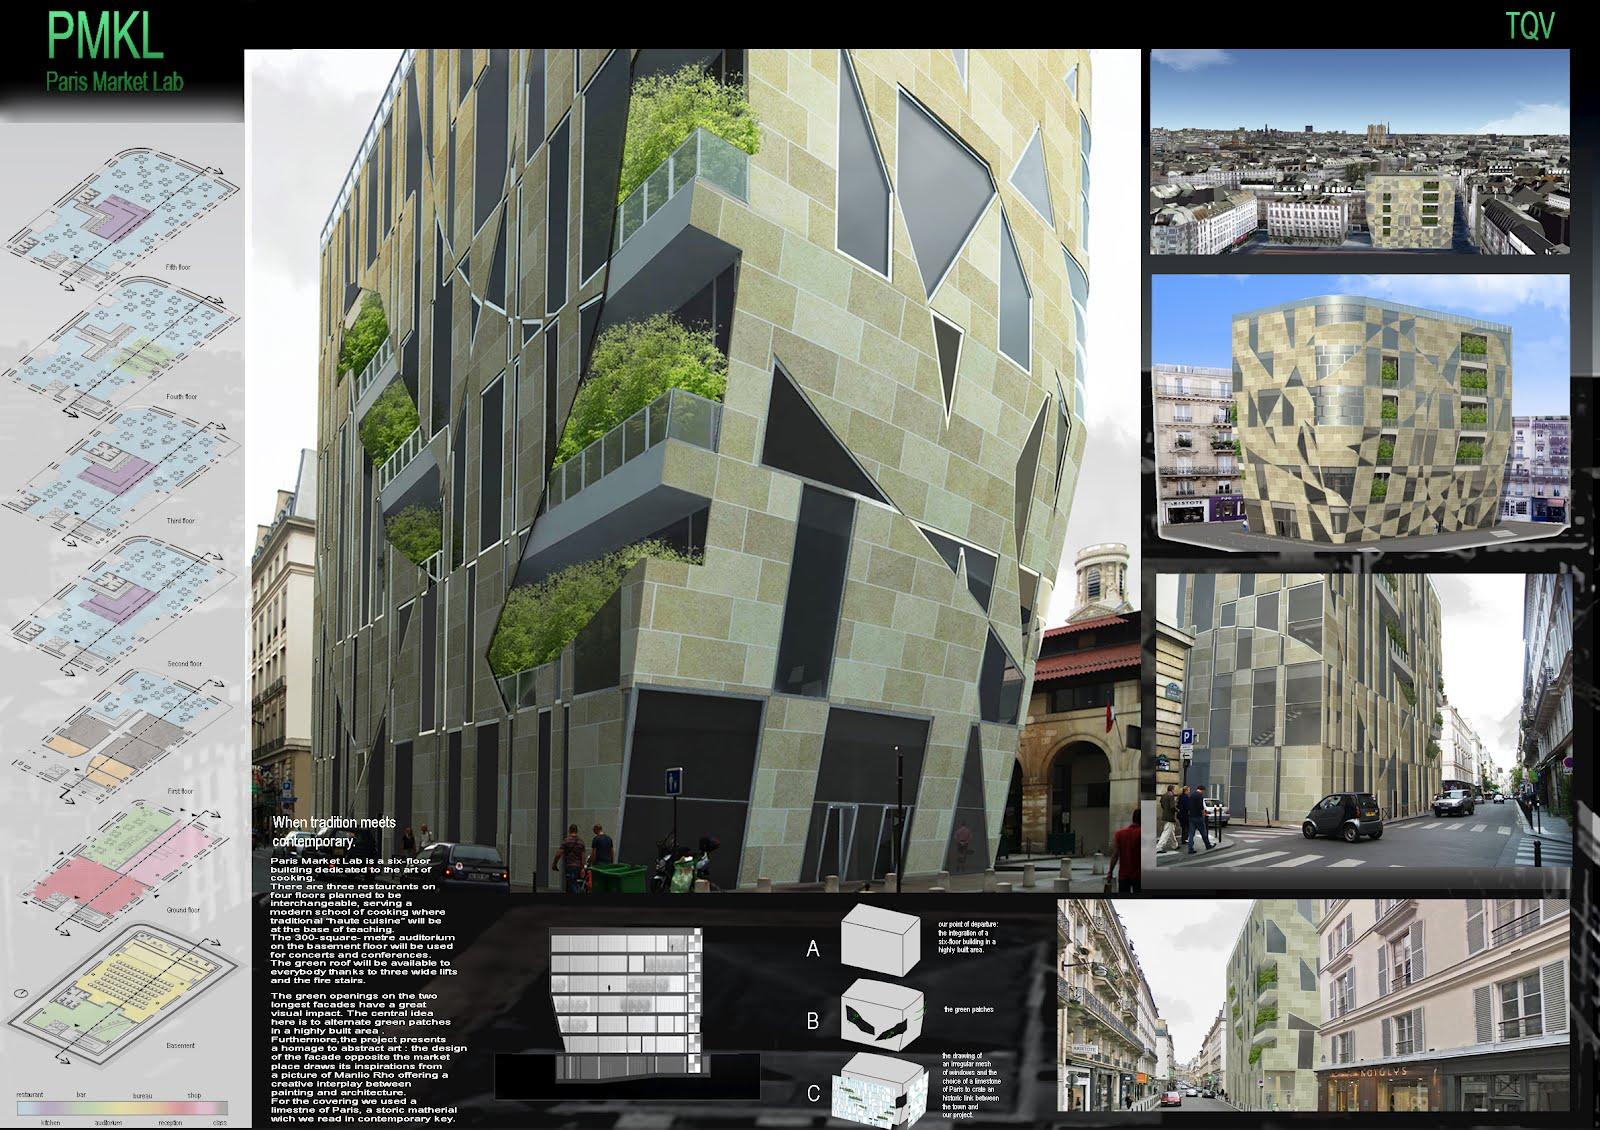 Ada art digital achitecture tavole concorso - Tavole di concorso architettura ...